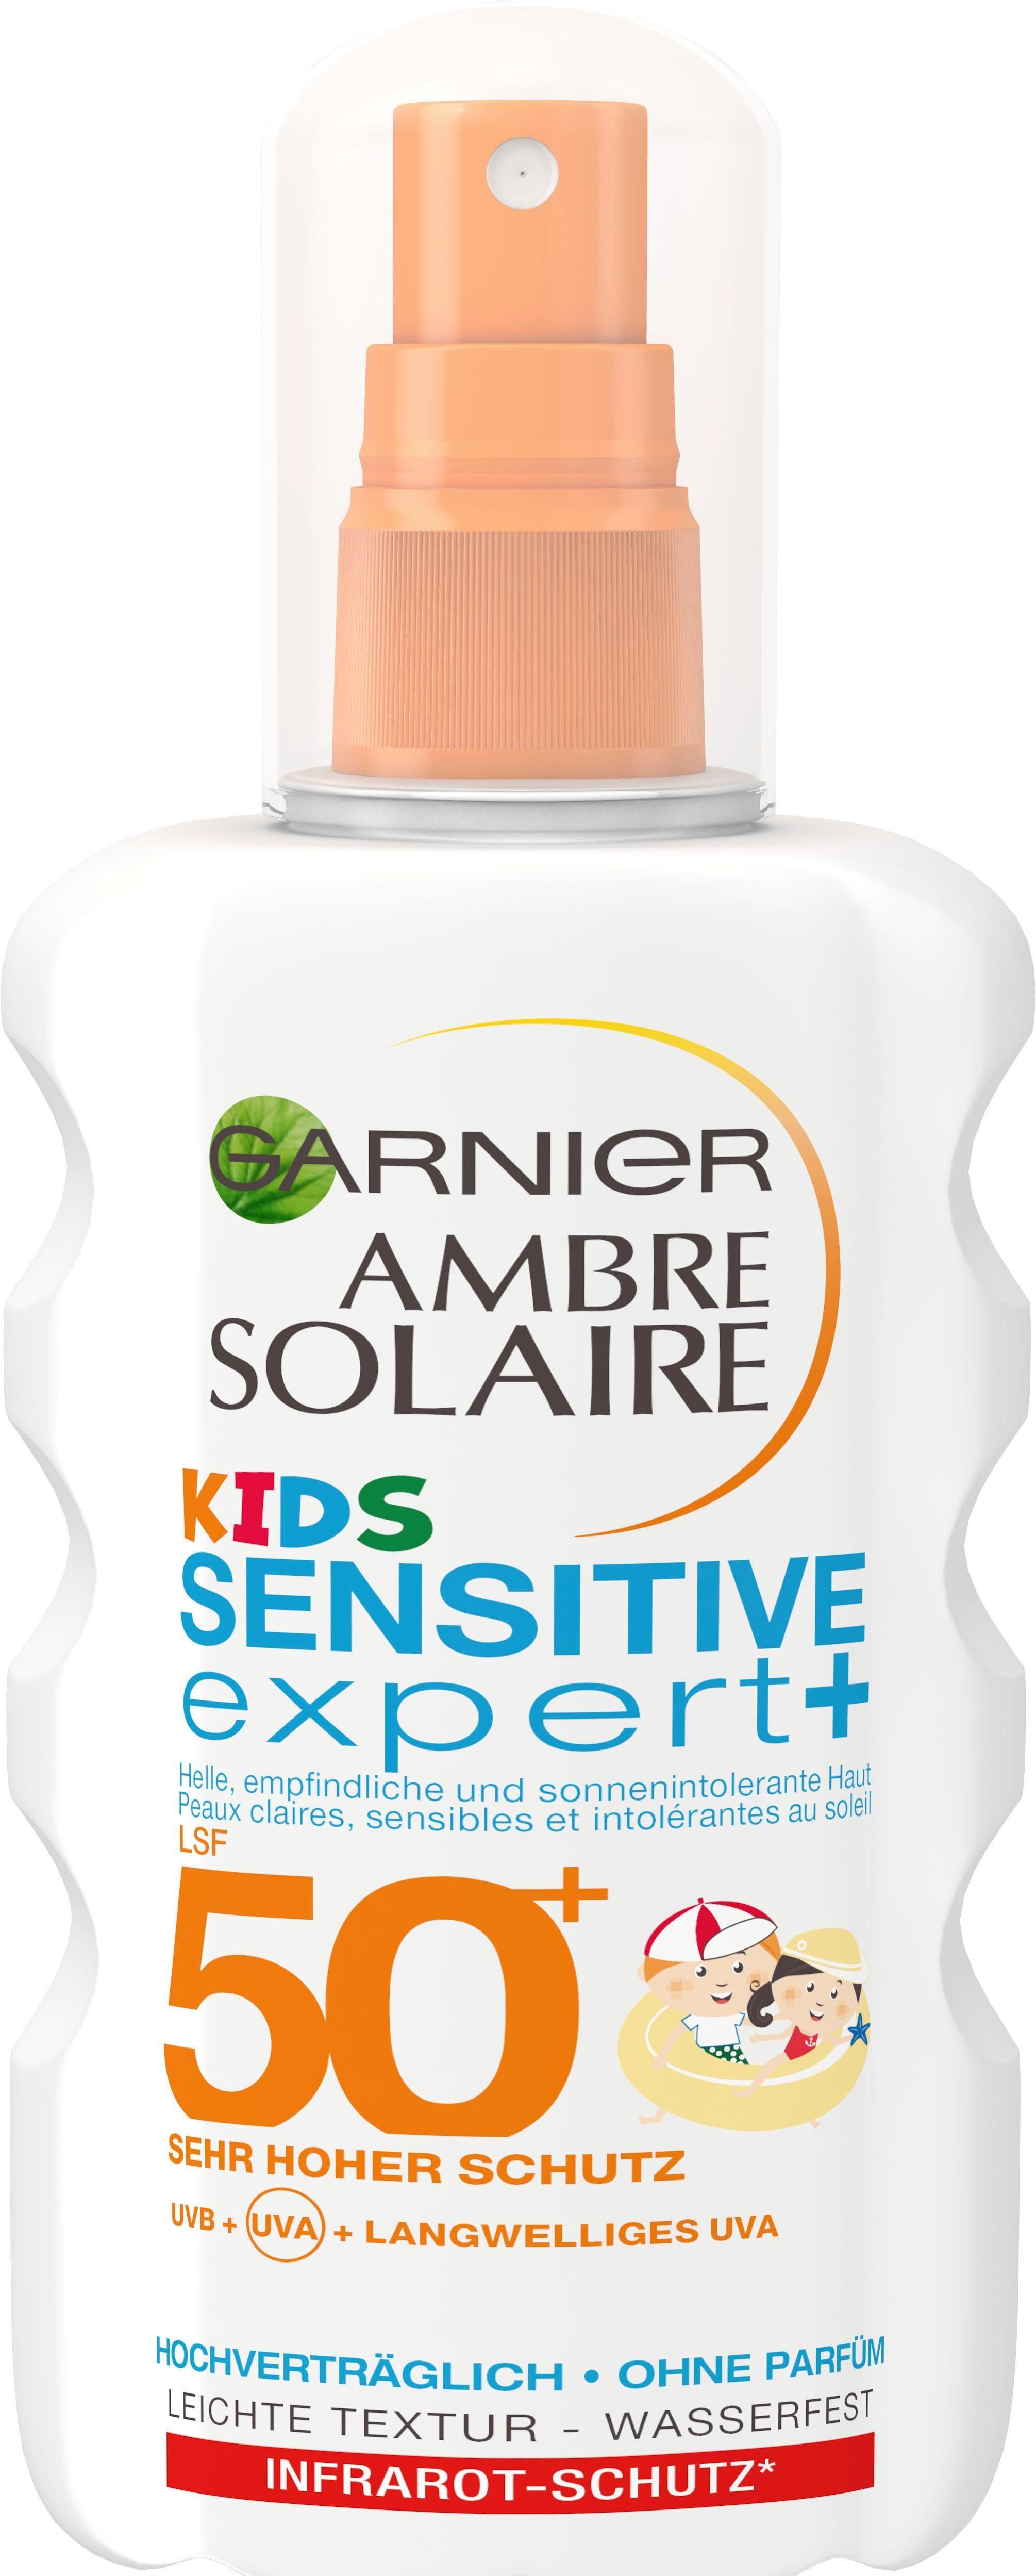 Garnier, »Ambre Solaire Kids Sensitive Expert LSF 50+«, Sonnenspray